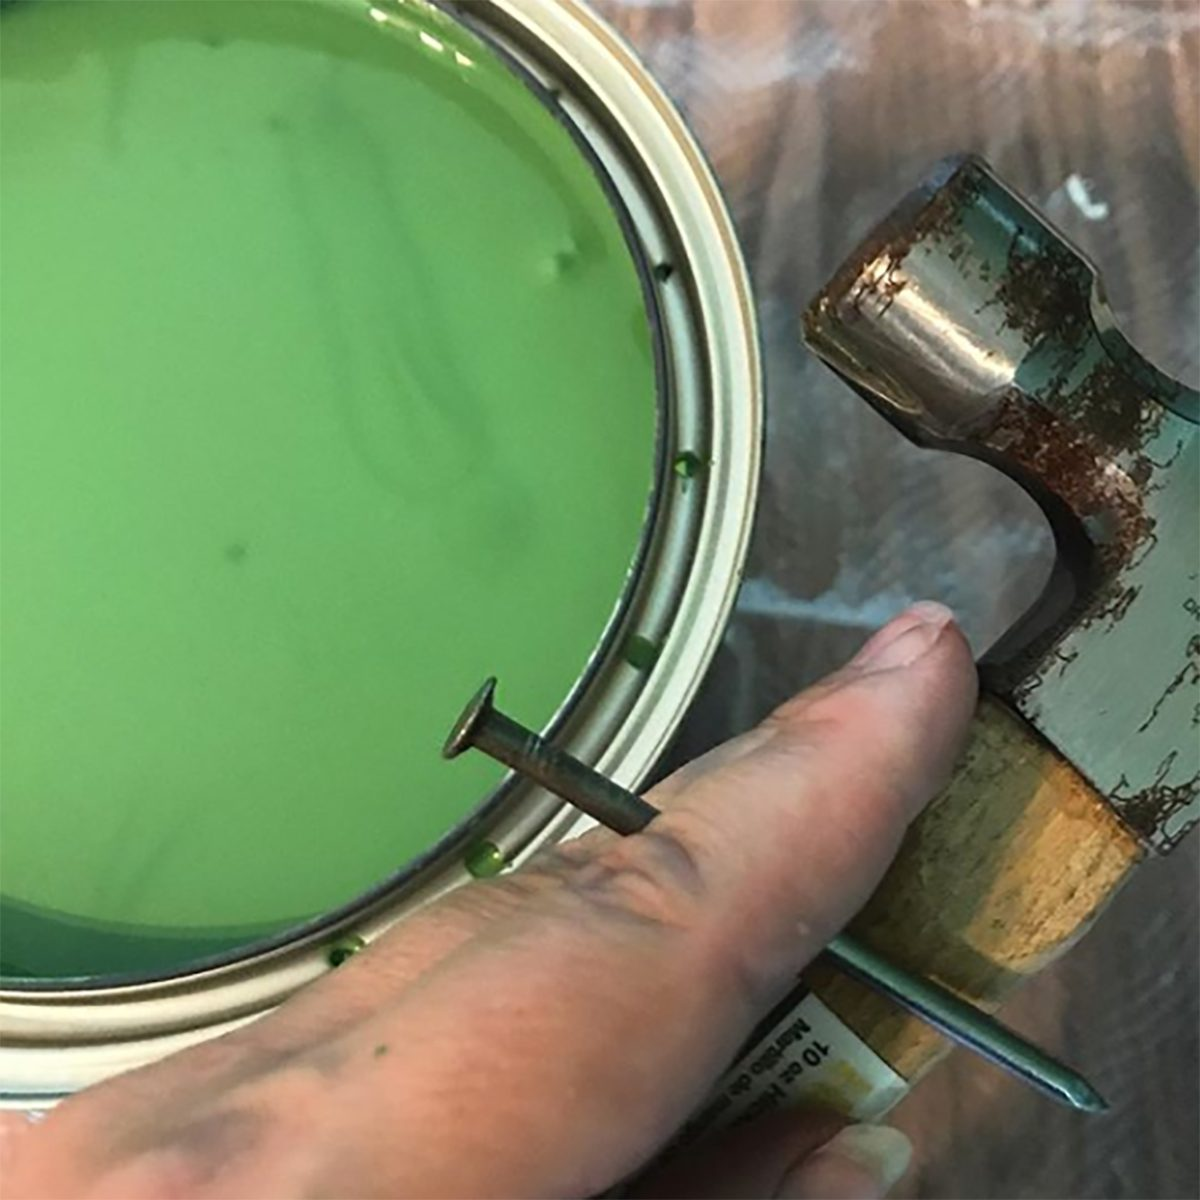 Keep paint lids clean